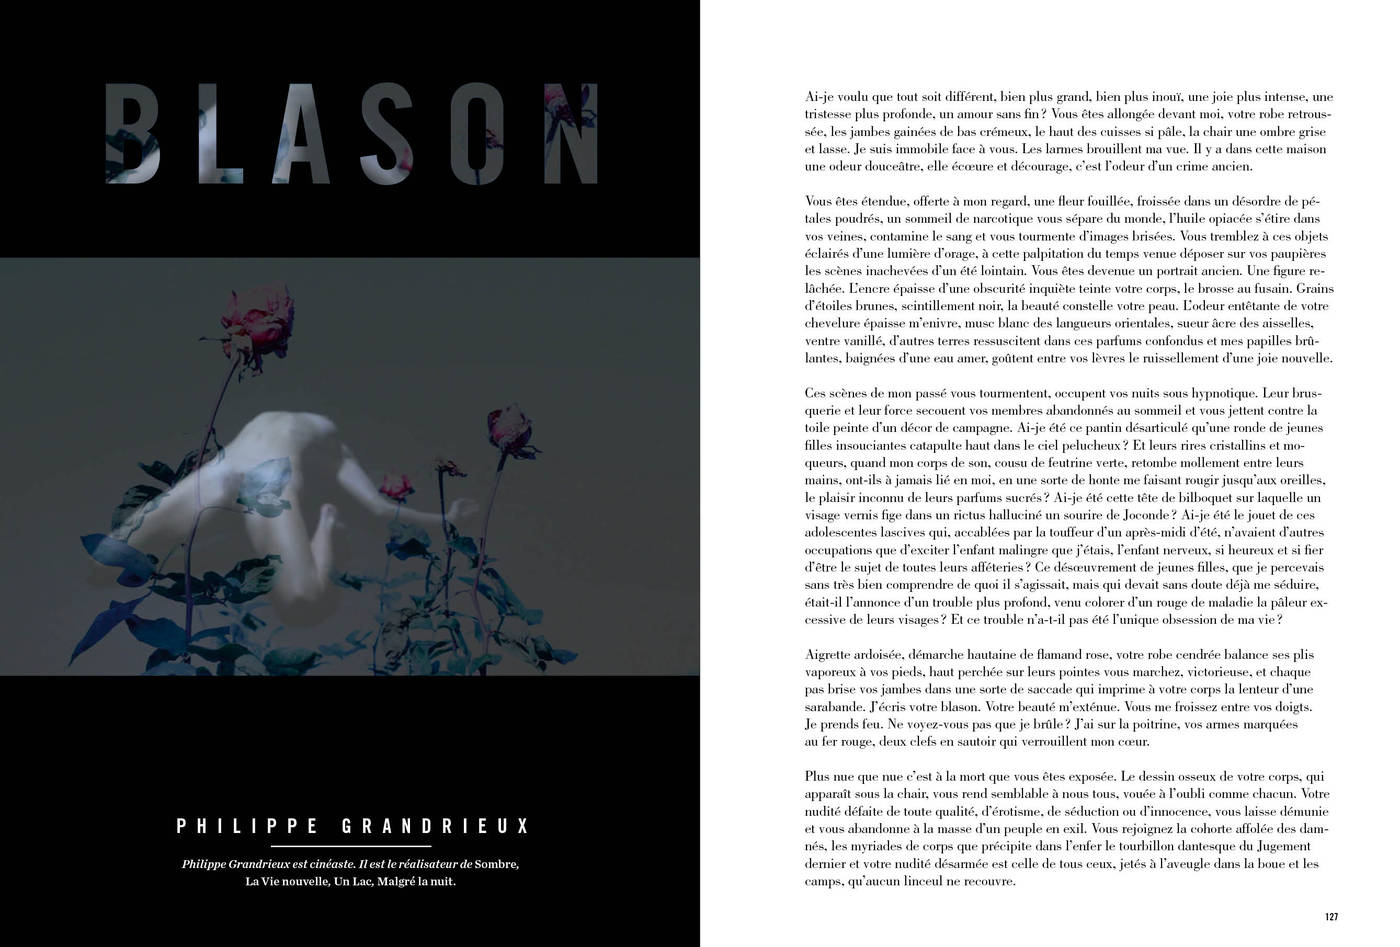 Texte et photographies de Philippe Grandrieux, Blason